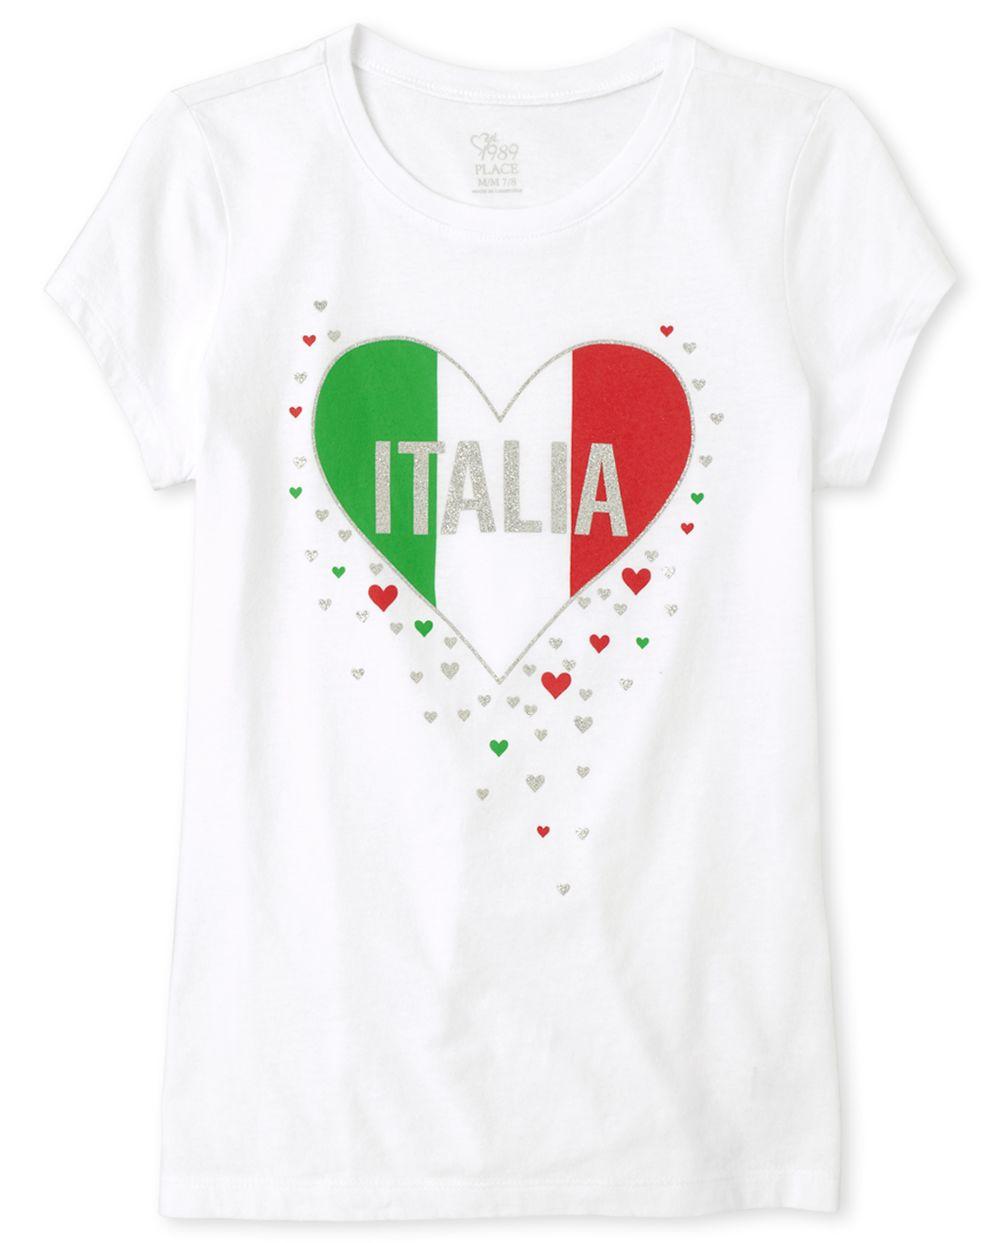 Girls Glitter Italia Graphic Tee